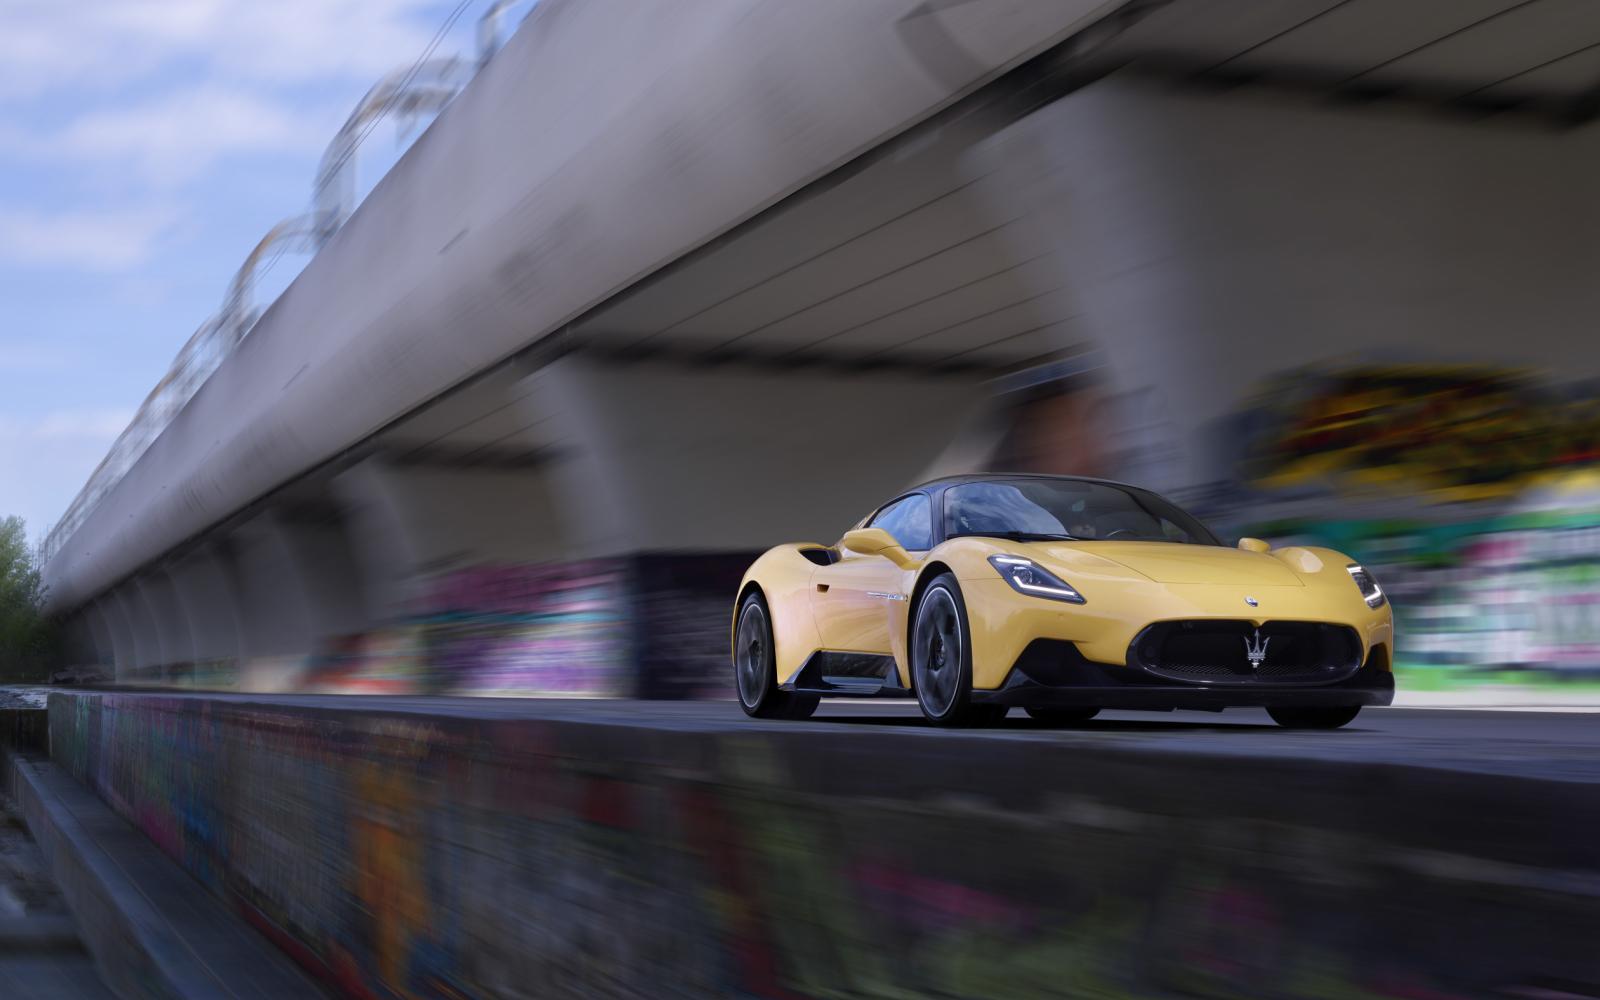 Teste Maserati MC20: finalmente outro carro que a Porsche teme